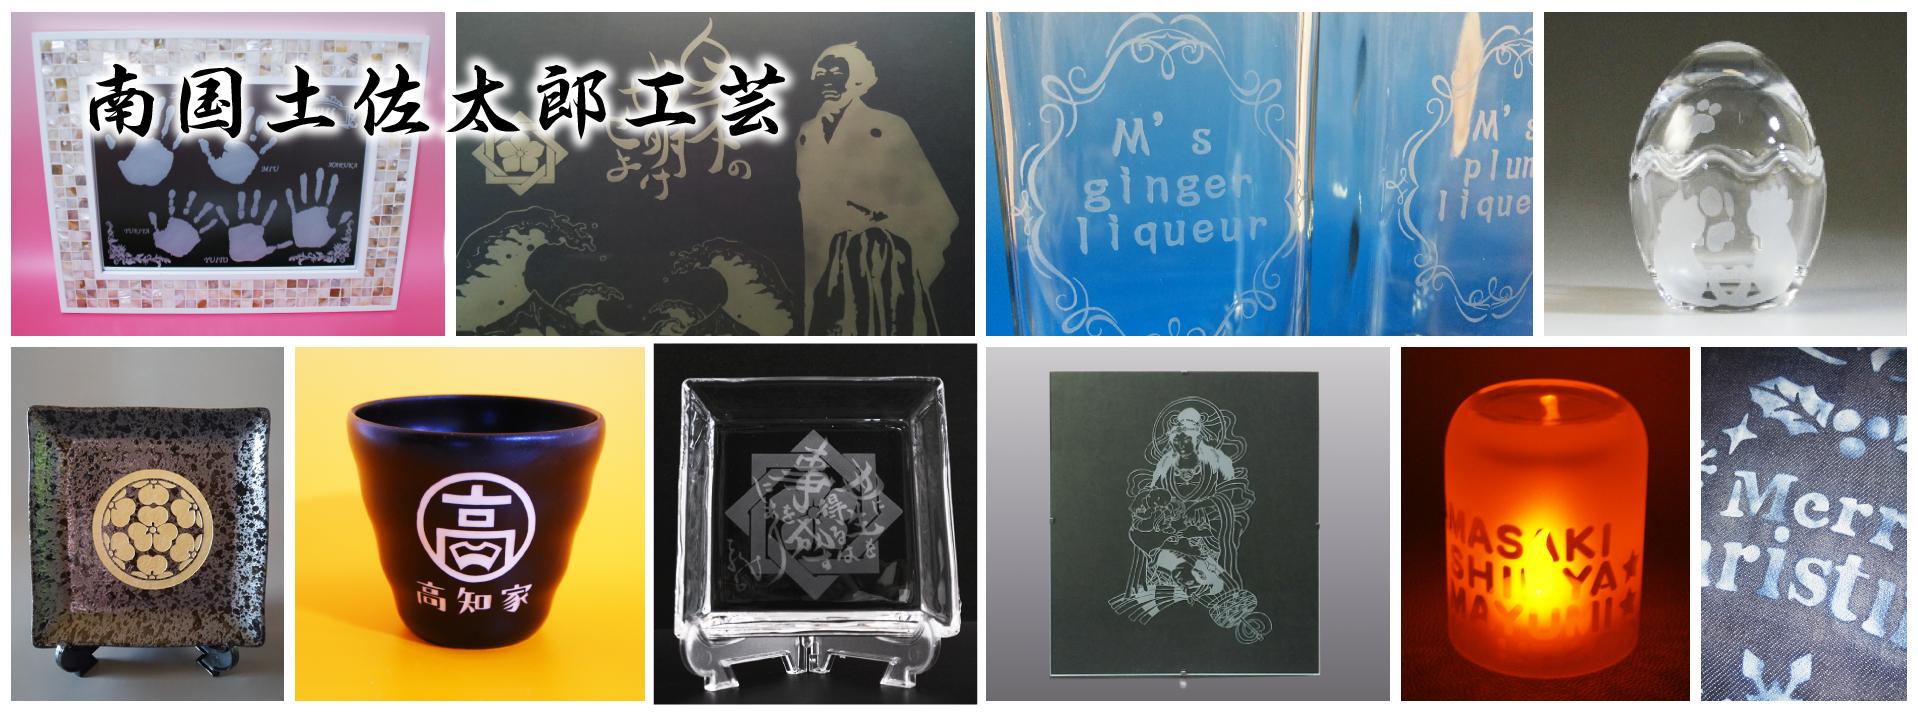 ブラスト工芸|ブラスト工芸トップ|レニオンコーポレション|高知